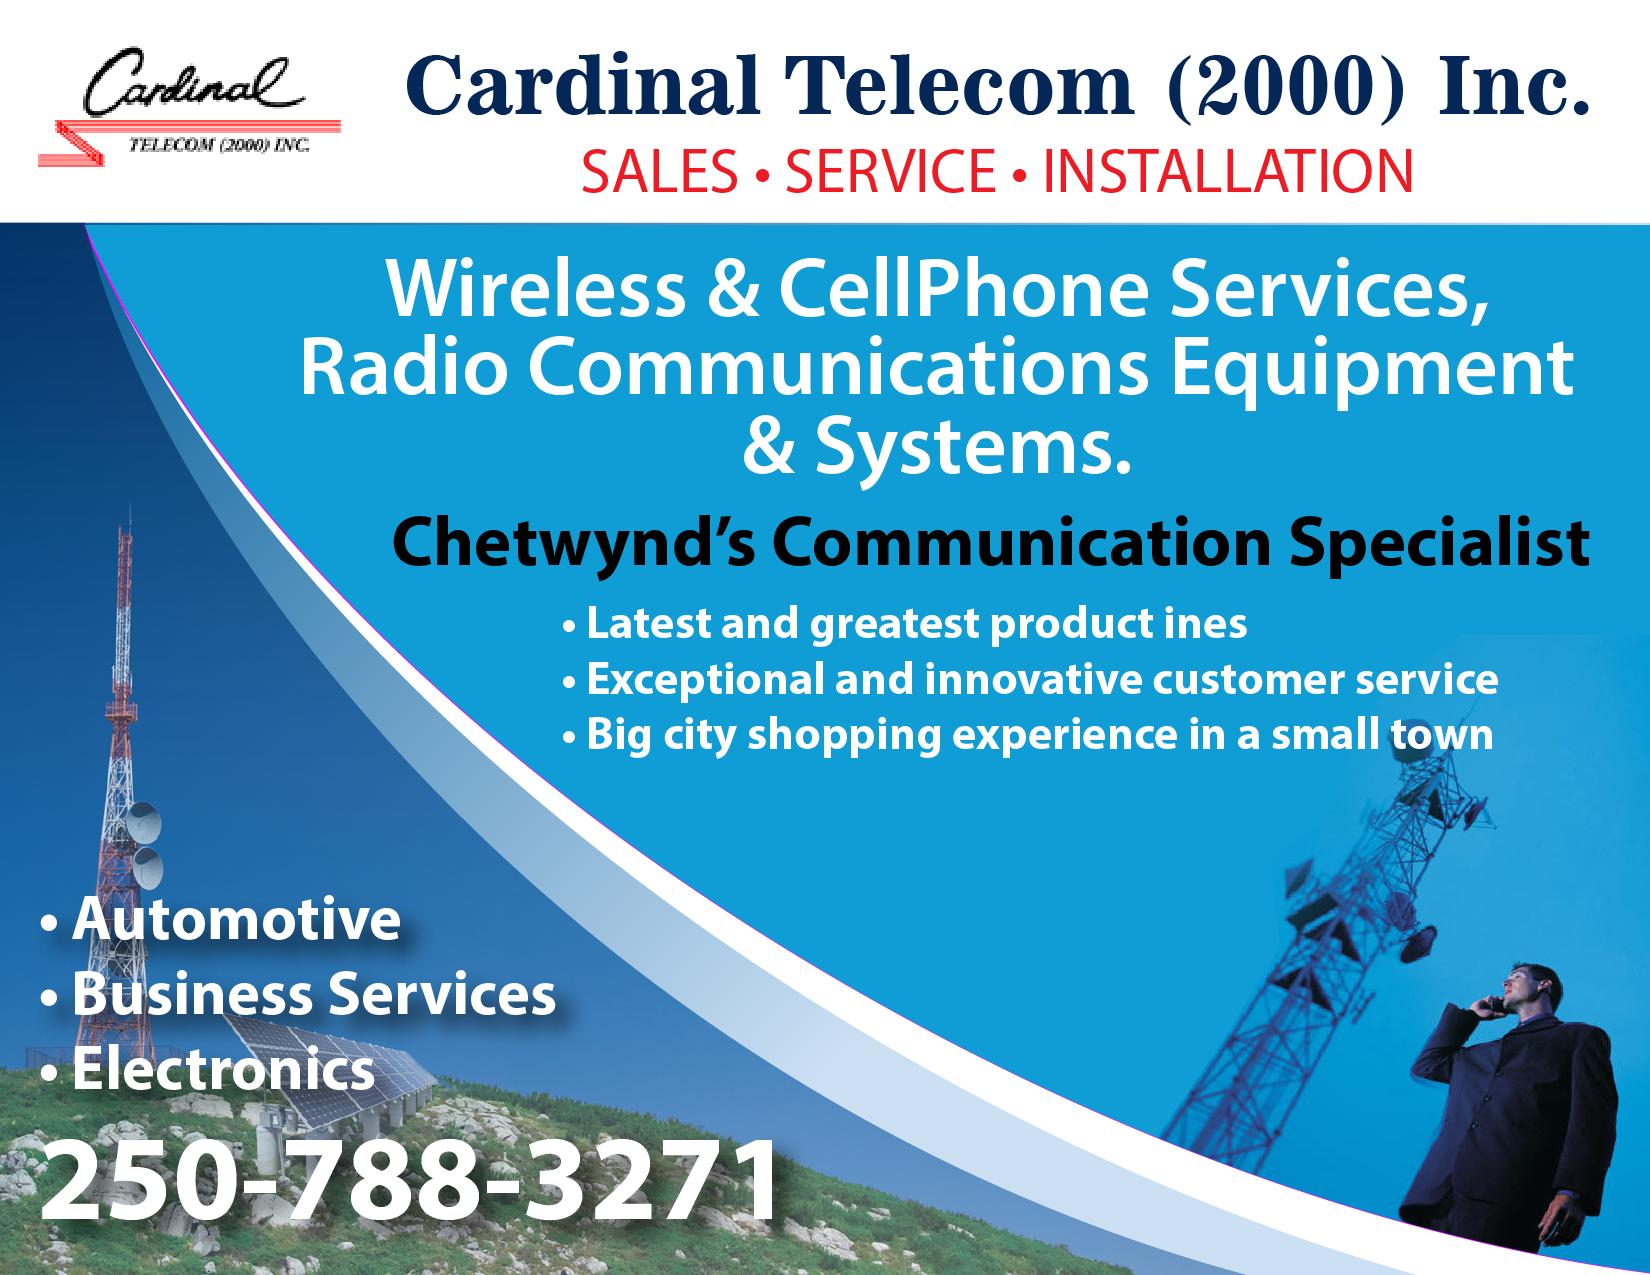 Cardinal Telecom (2000) Inc.